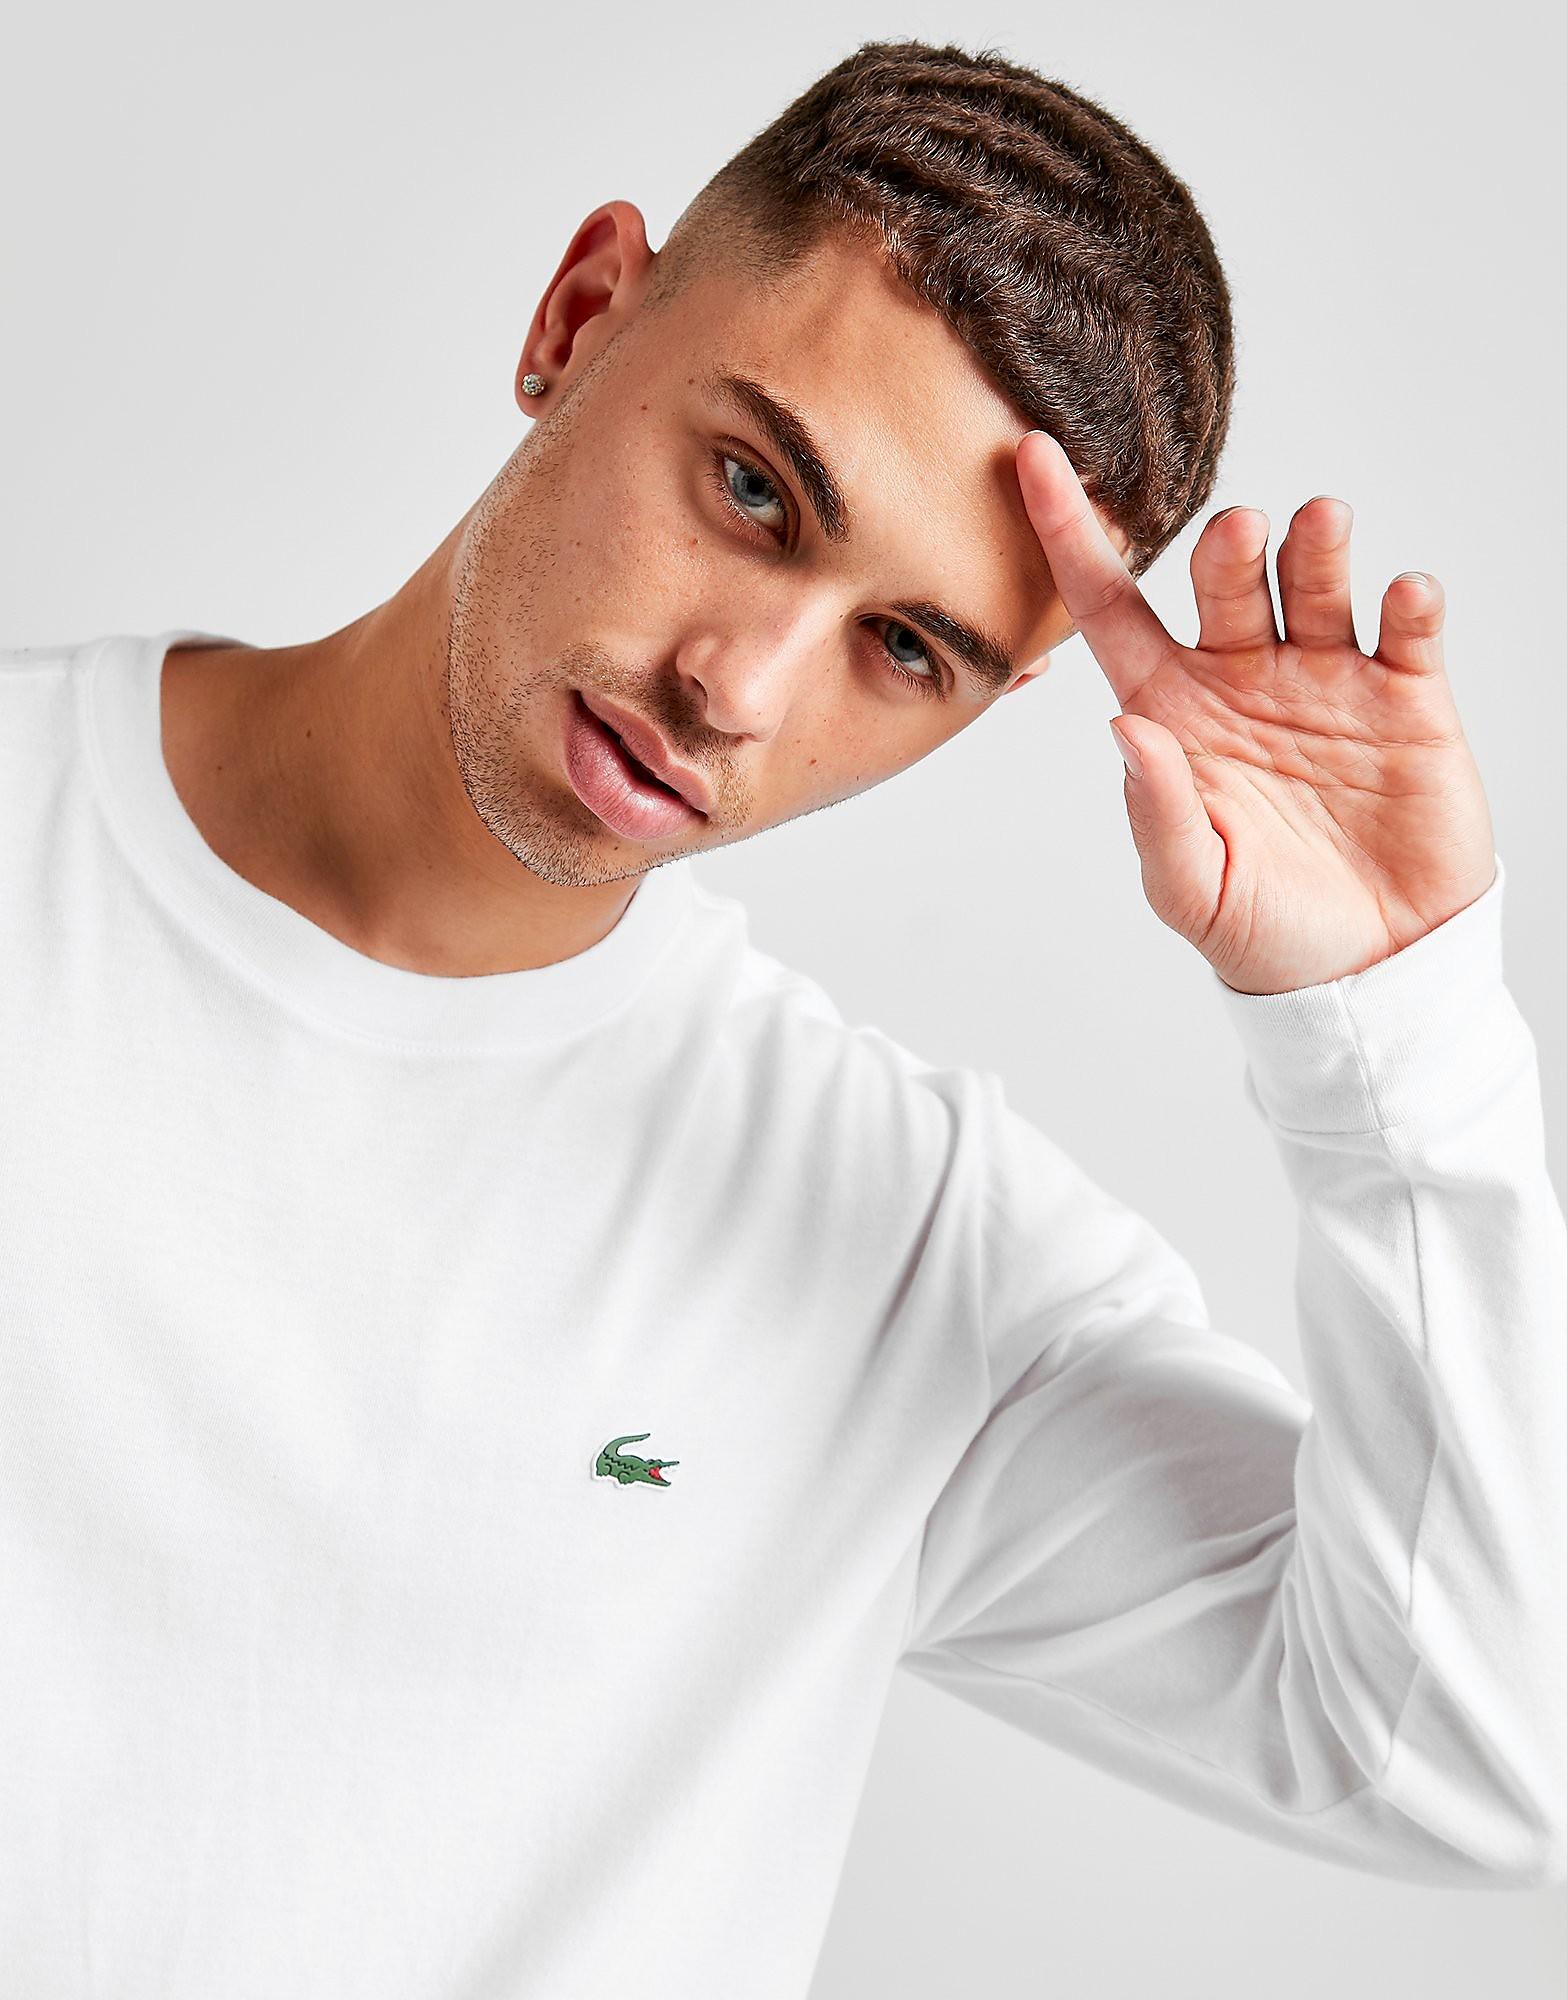 Lacoste Croc Long-Sleeved T-Shirt Heren - Wit - Heren